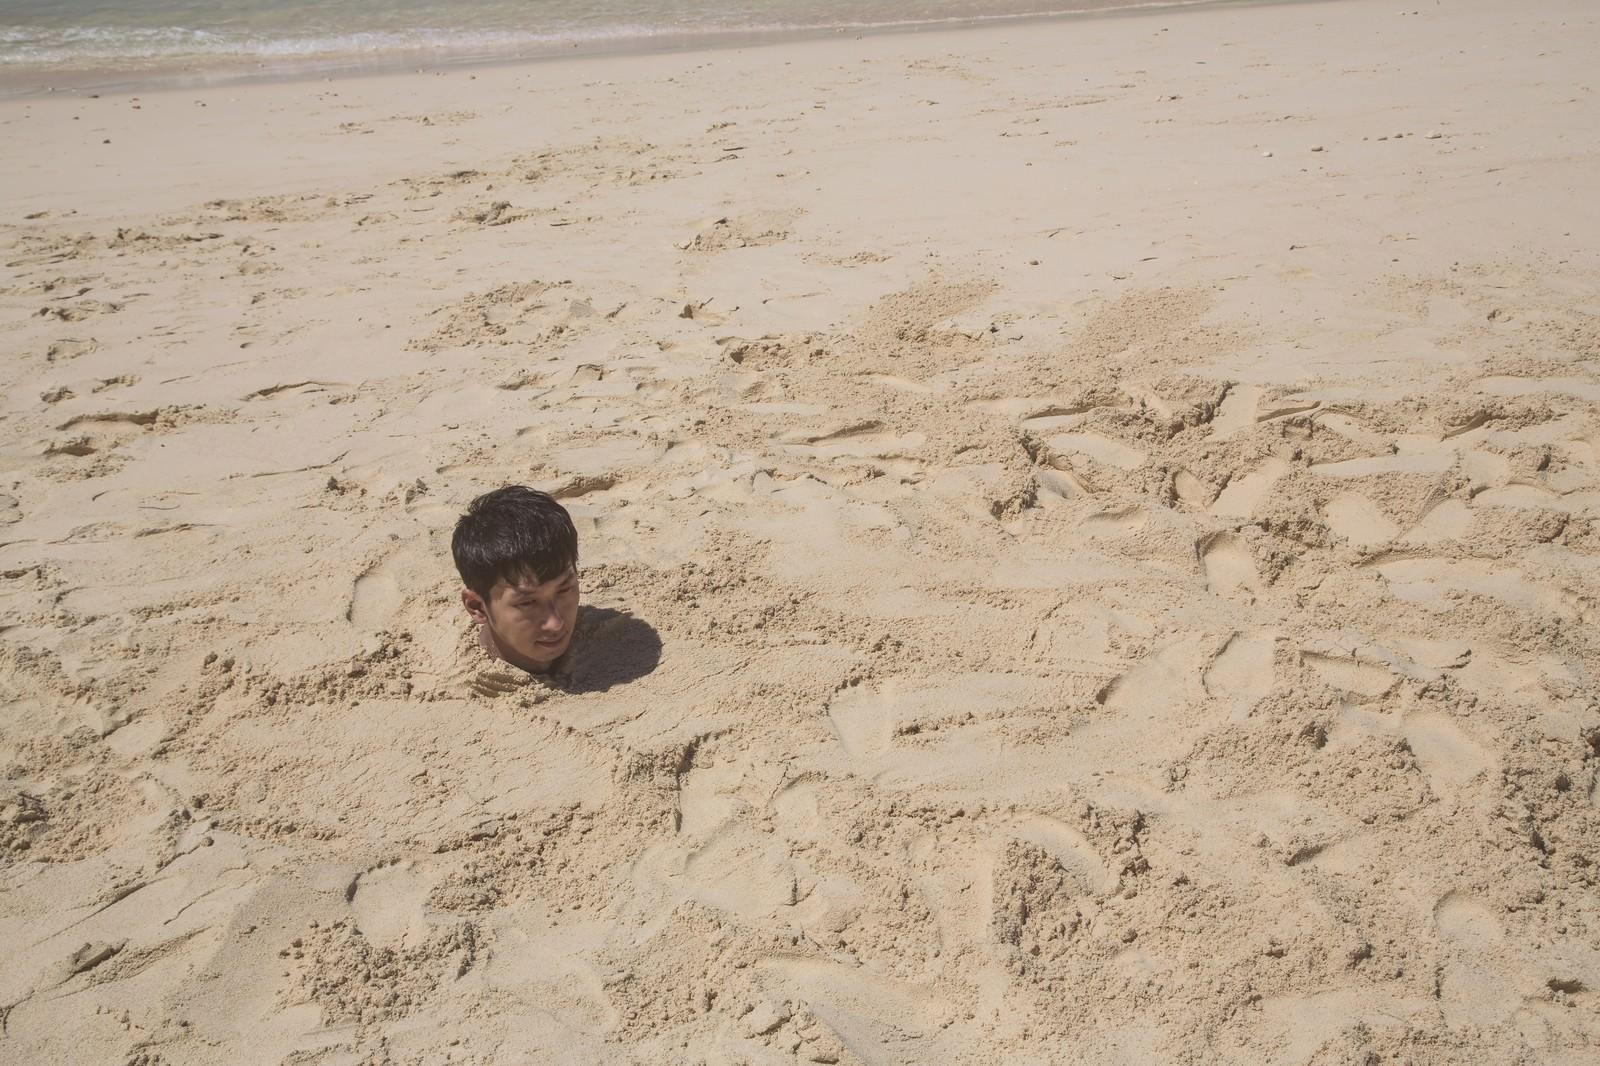 「砂浜に埋まり自身の影で方角を確認する男性」の写真[モデル:大川竜弥]